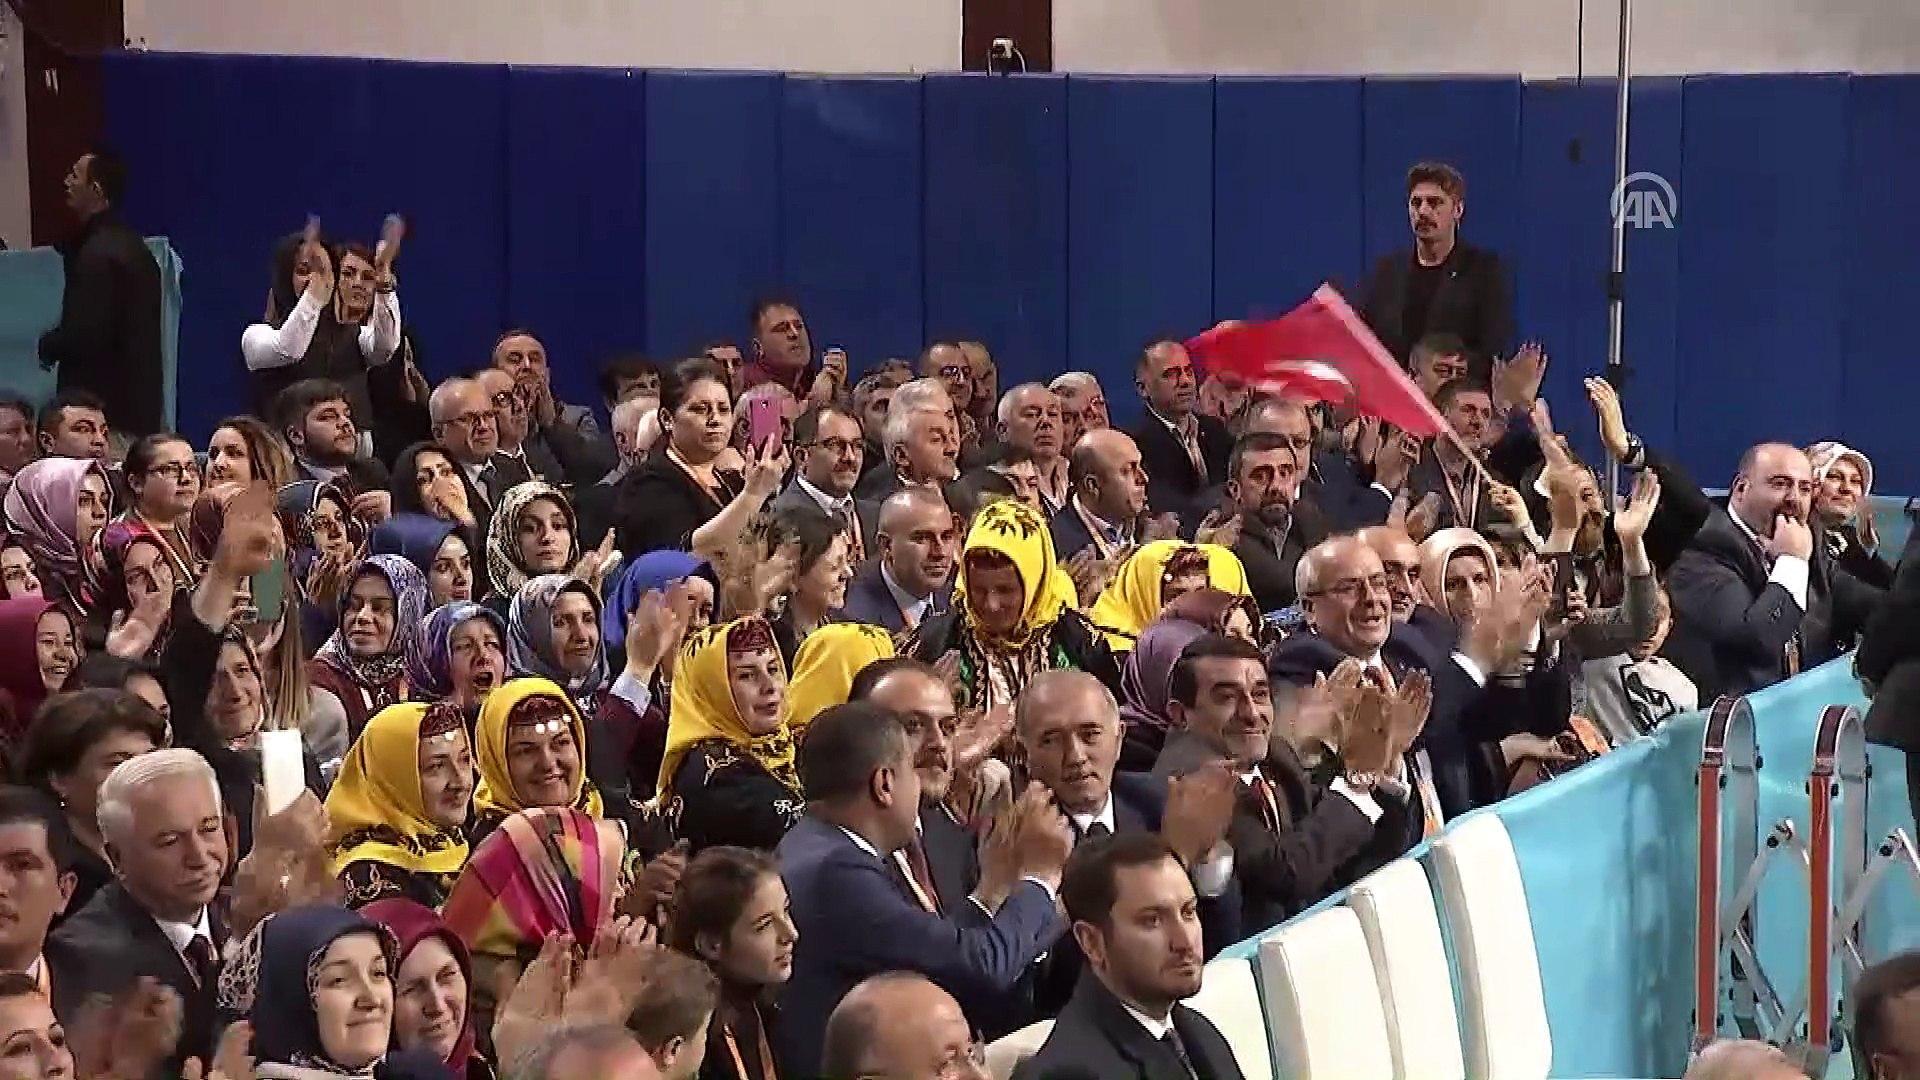 Cumhurbaşkanı Erdoğan: 'Evlatlarımıza daha güçlü ve müreffeh bir ülke bırakmak için var gücümüz